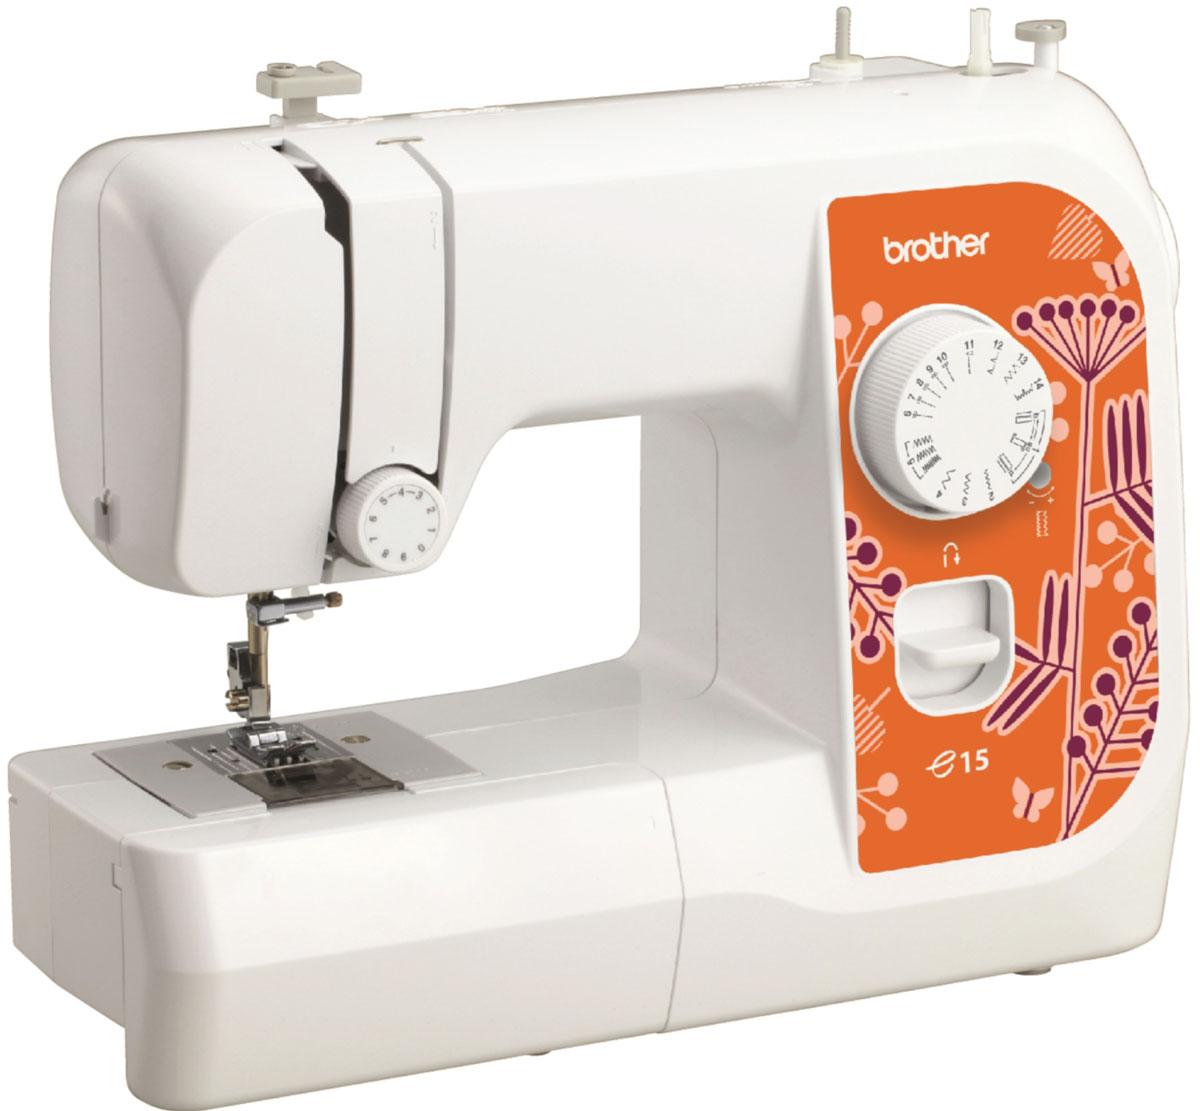 Brother e15 швейная машинаe15Машина Brother e15 идеально подходит для выполнения основных швейных операций при изготовлении и ремонте одежды. Небольшое количество строчек, в том числе для обработки края, возможность работы с различными материалам делают эту машинку привлекательной для начинающих. Горизонтальный челнок и 6-и сегментная рейка-транспортер обеспечивают качественное шитье различных видов ткани. Легкий и плавный ход педали позволяет точно регулировать скорость машины.